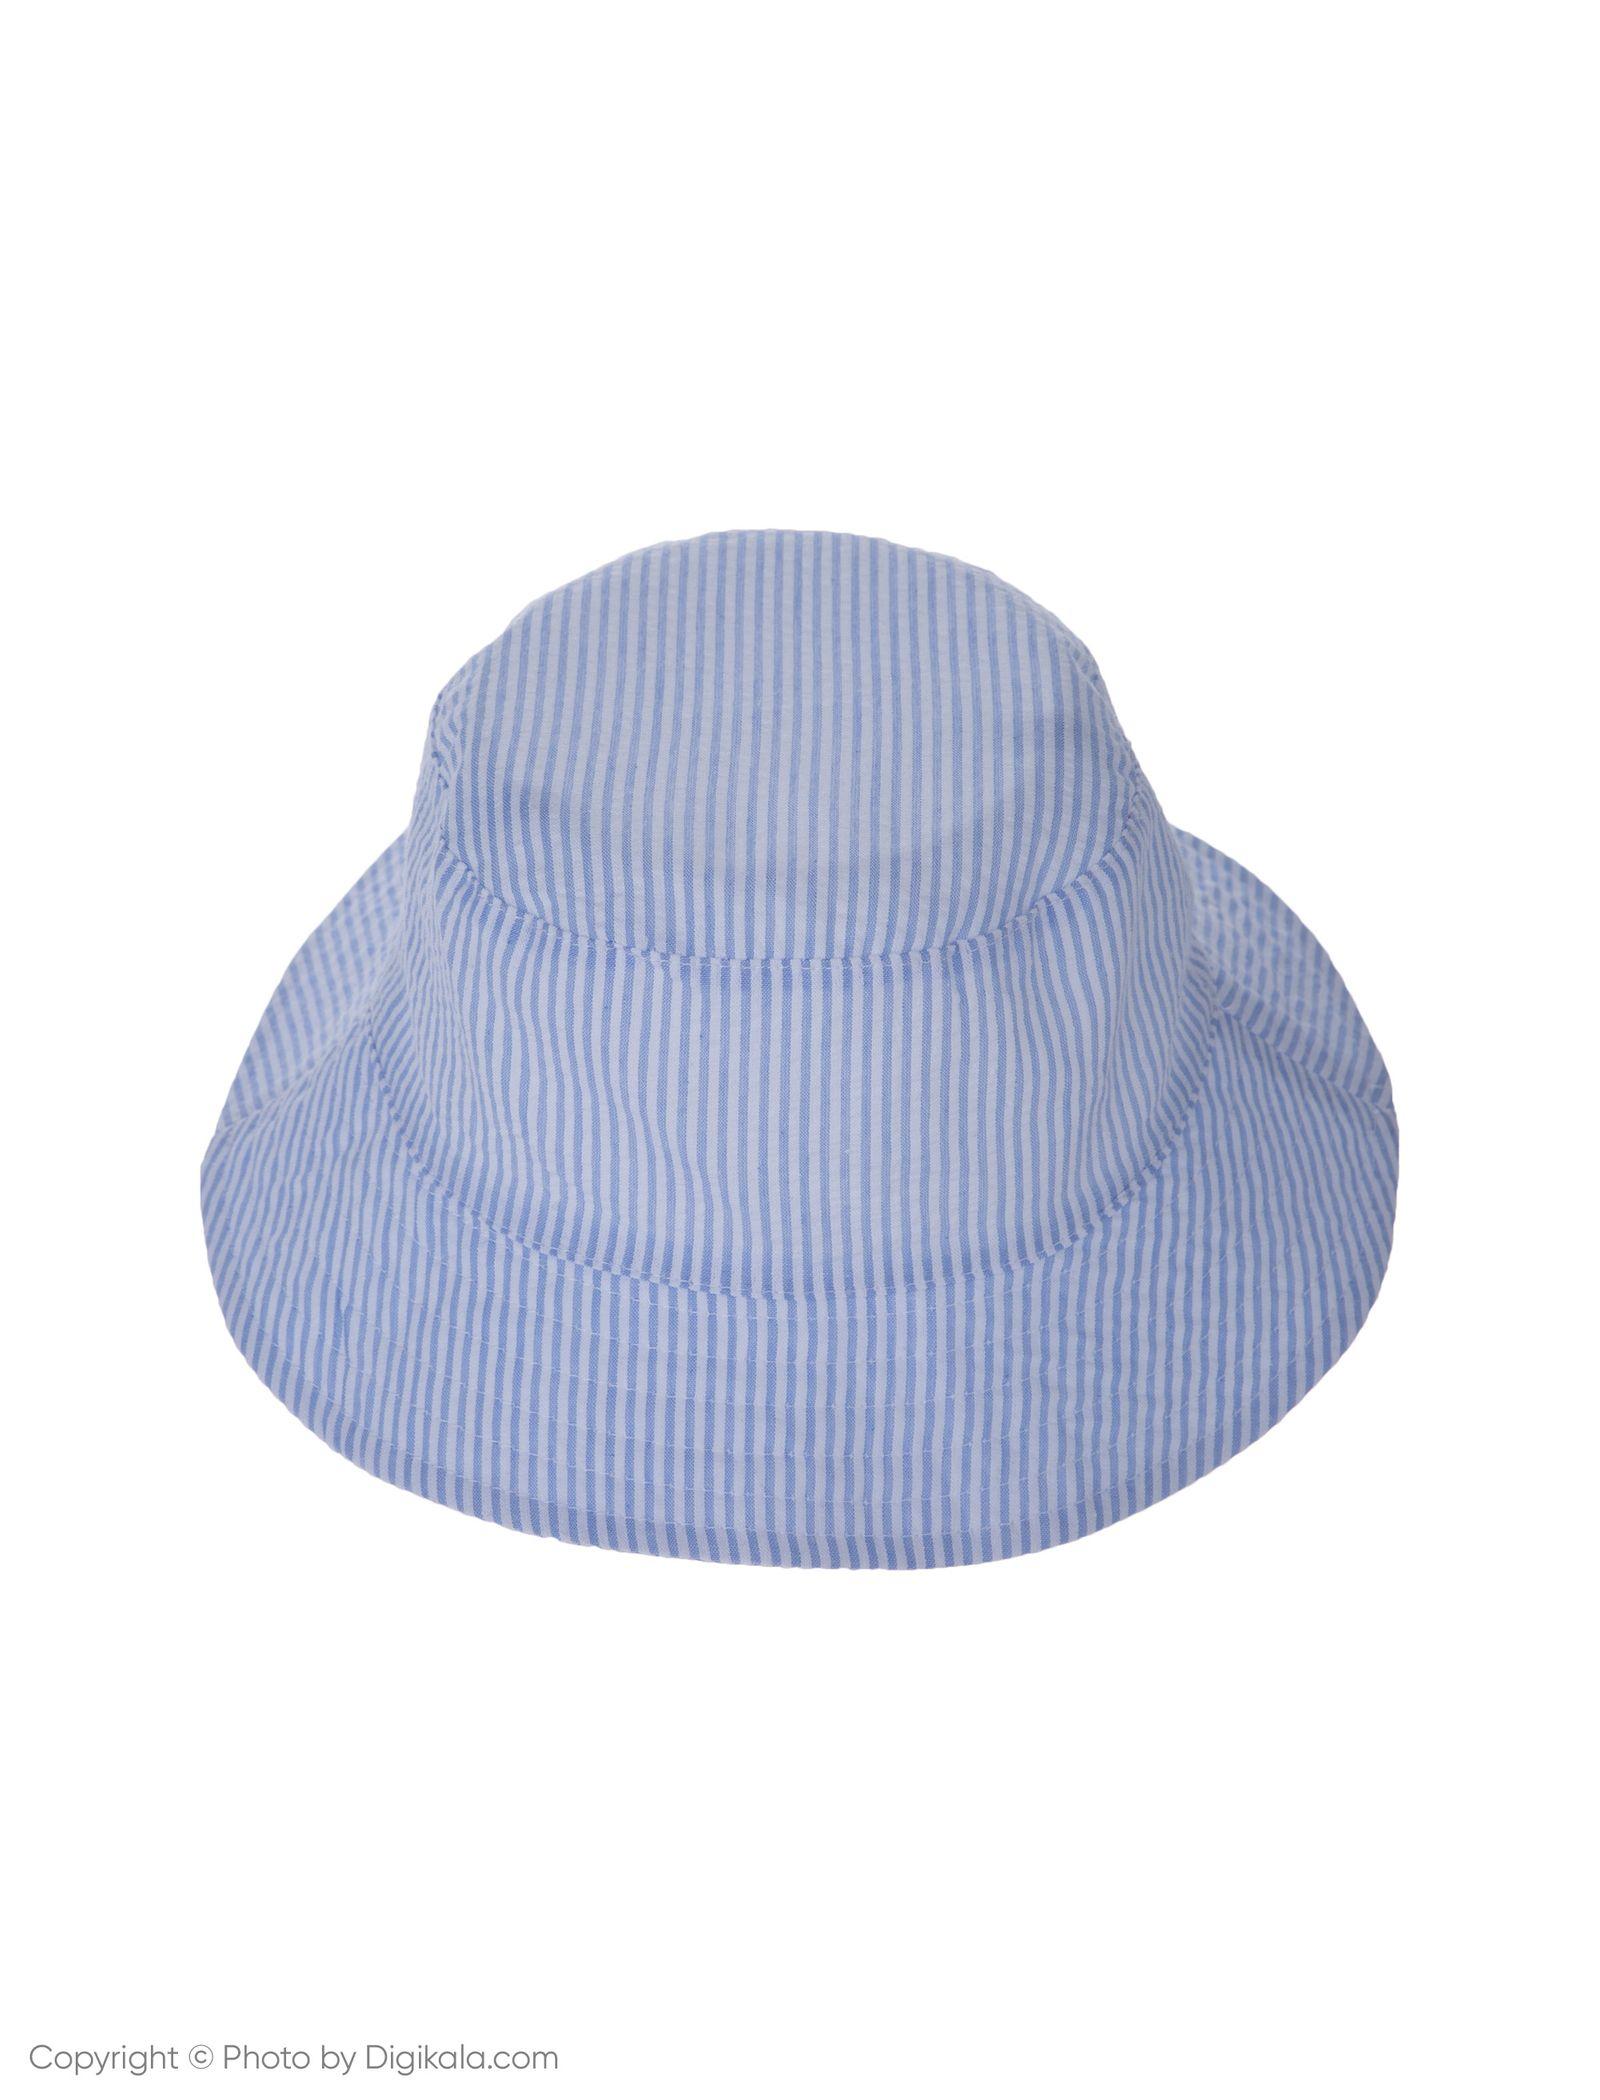 کلاه نخی ساحلی دخترانه - بلوکیدز - سفيد/آبي روشن - 3